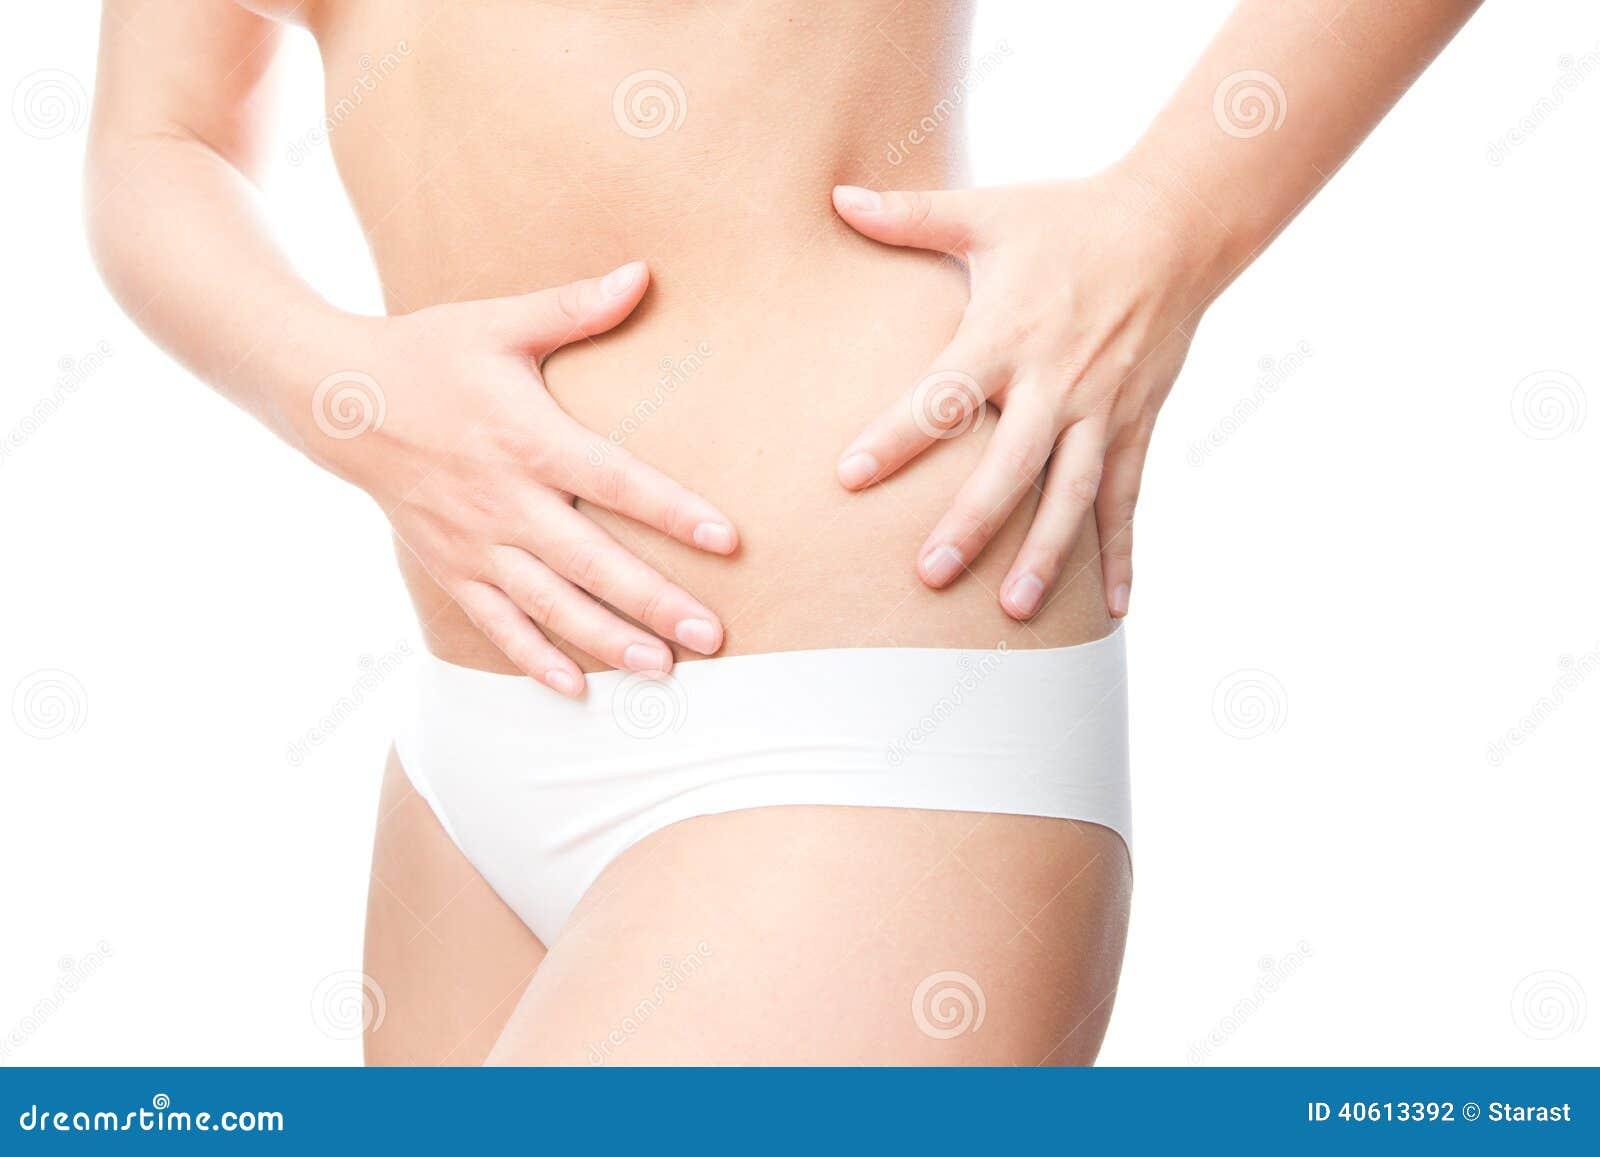 ont i vänster del av magen